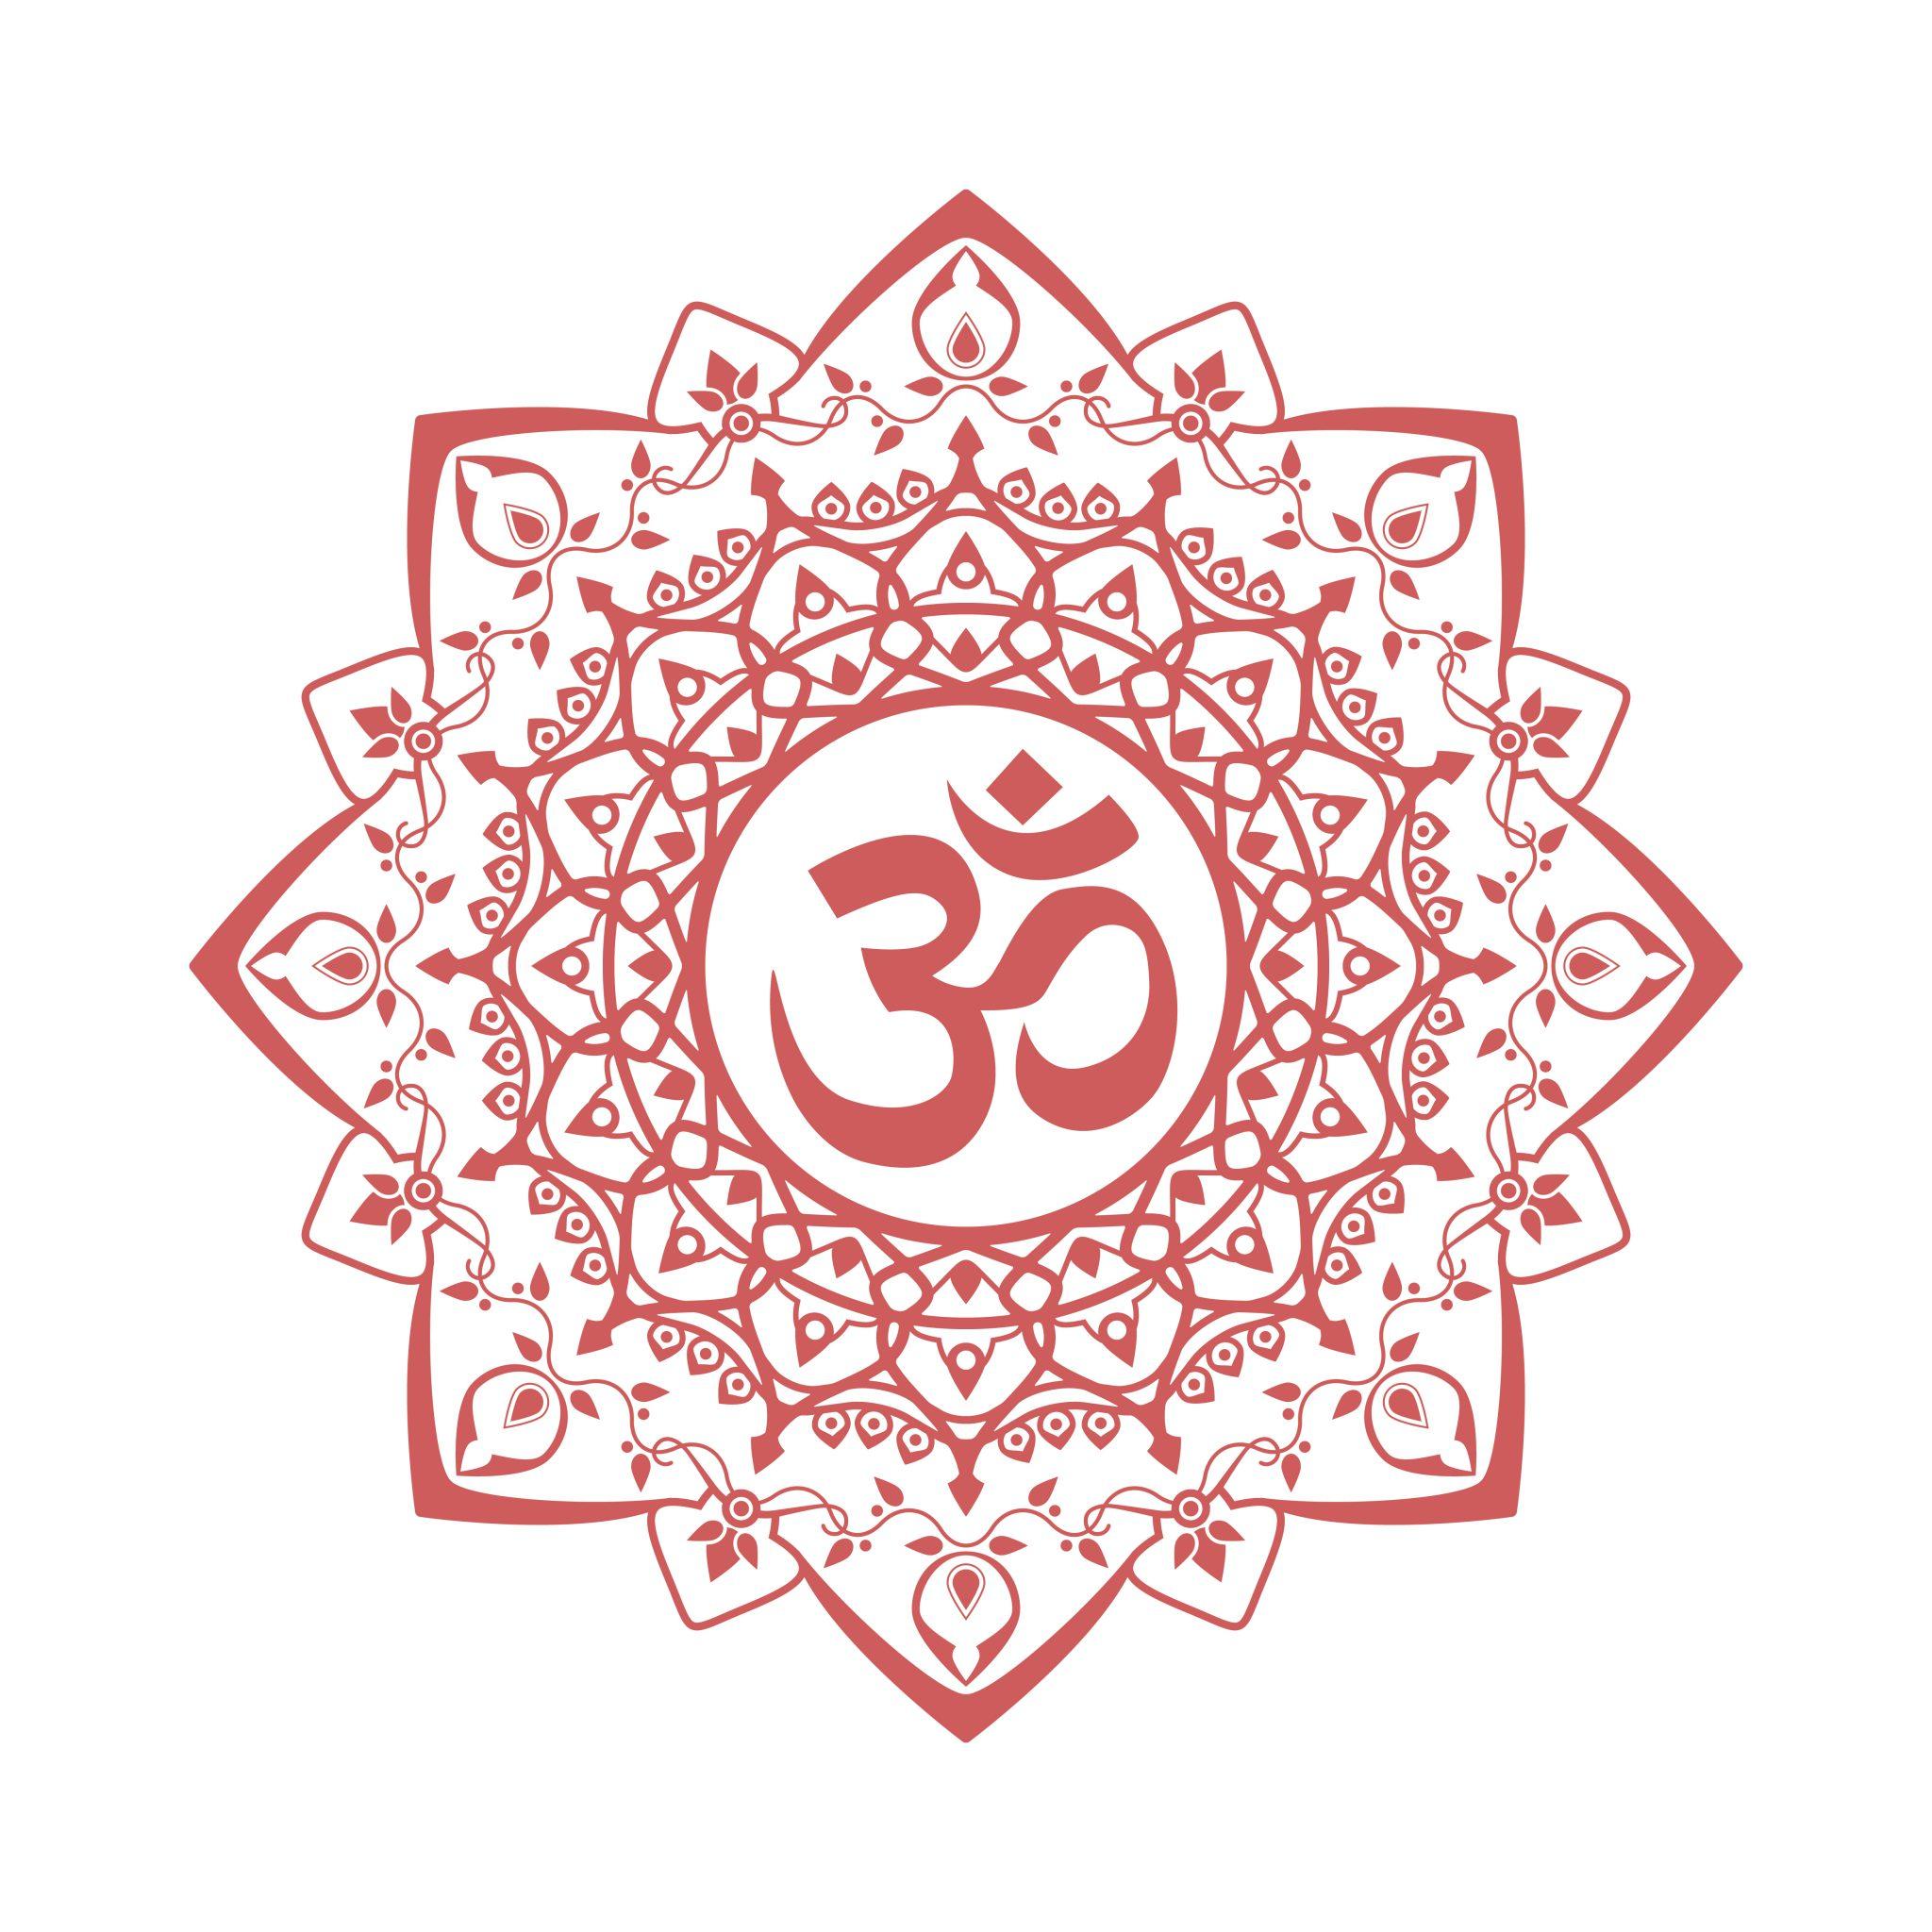 Ilustração de mandala com símbolo do OM no meio na cor vermelha